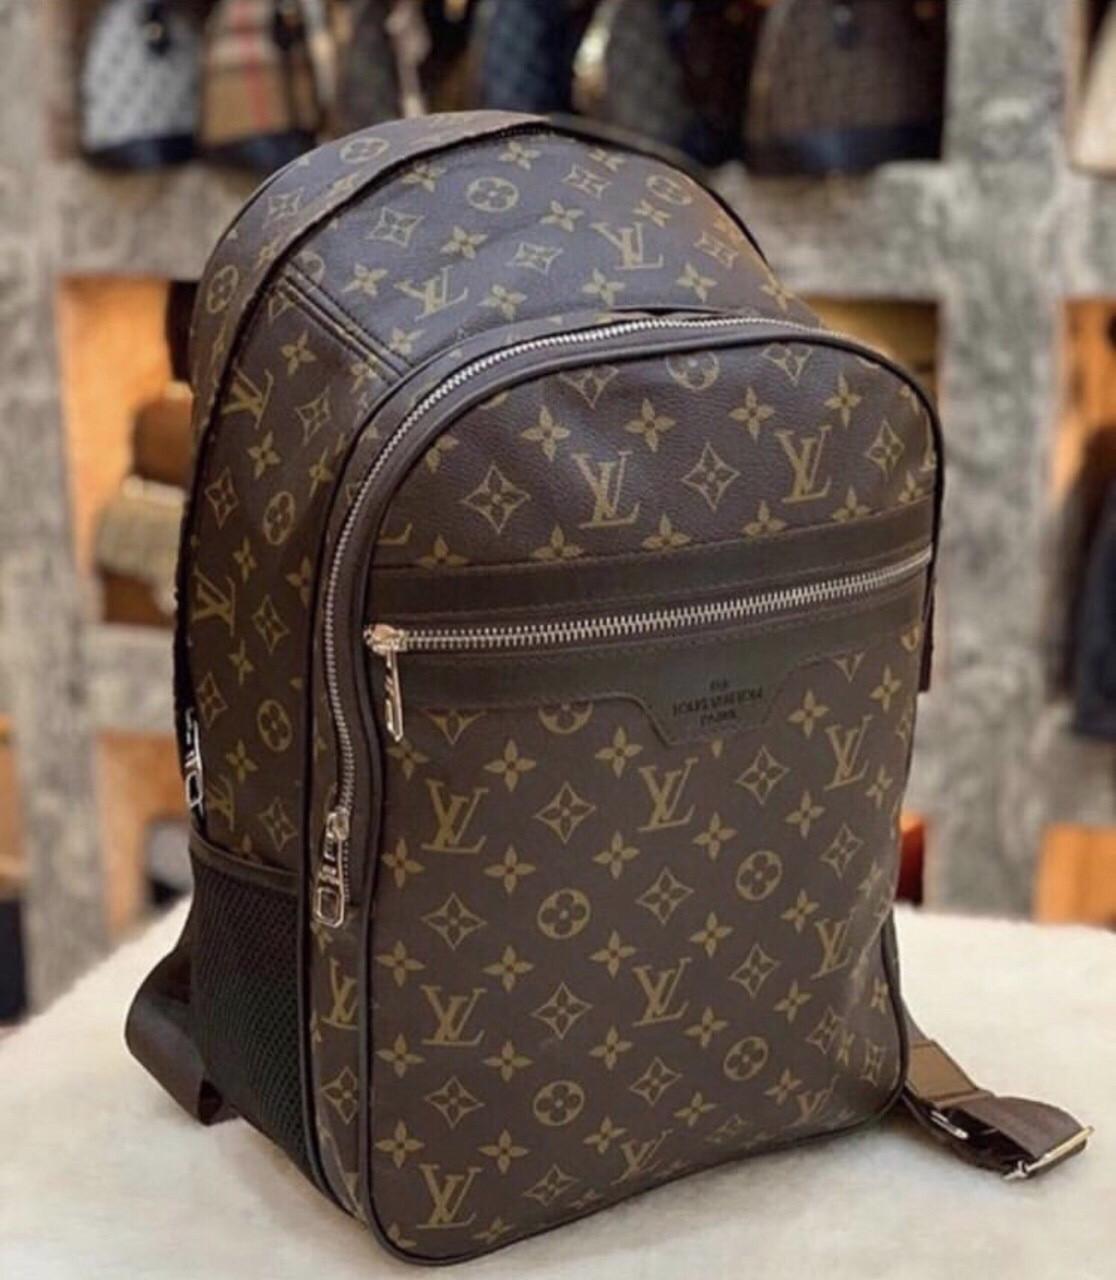 Рюкзак LV Louis Vuitton высокого качества (реплика Луи Витон) Vintage